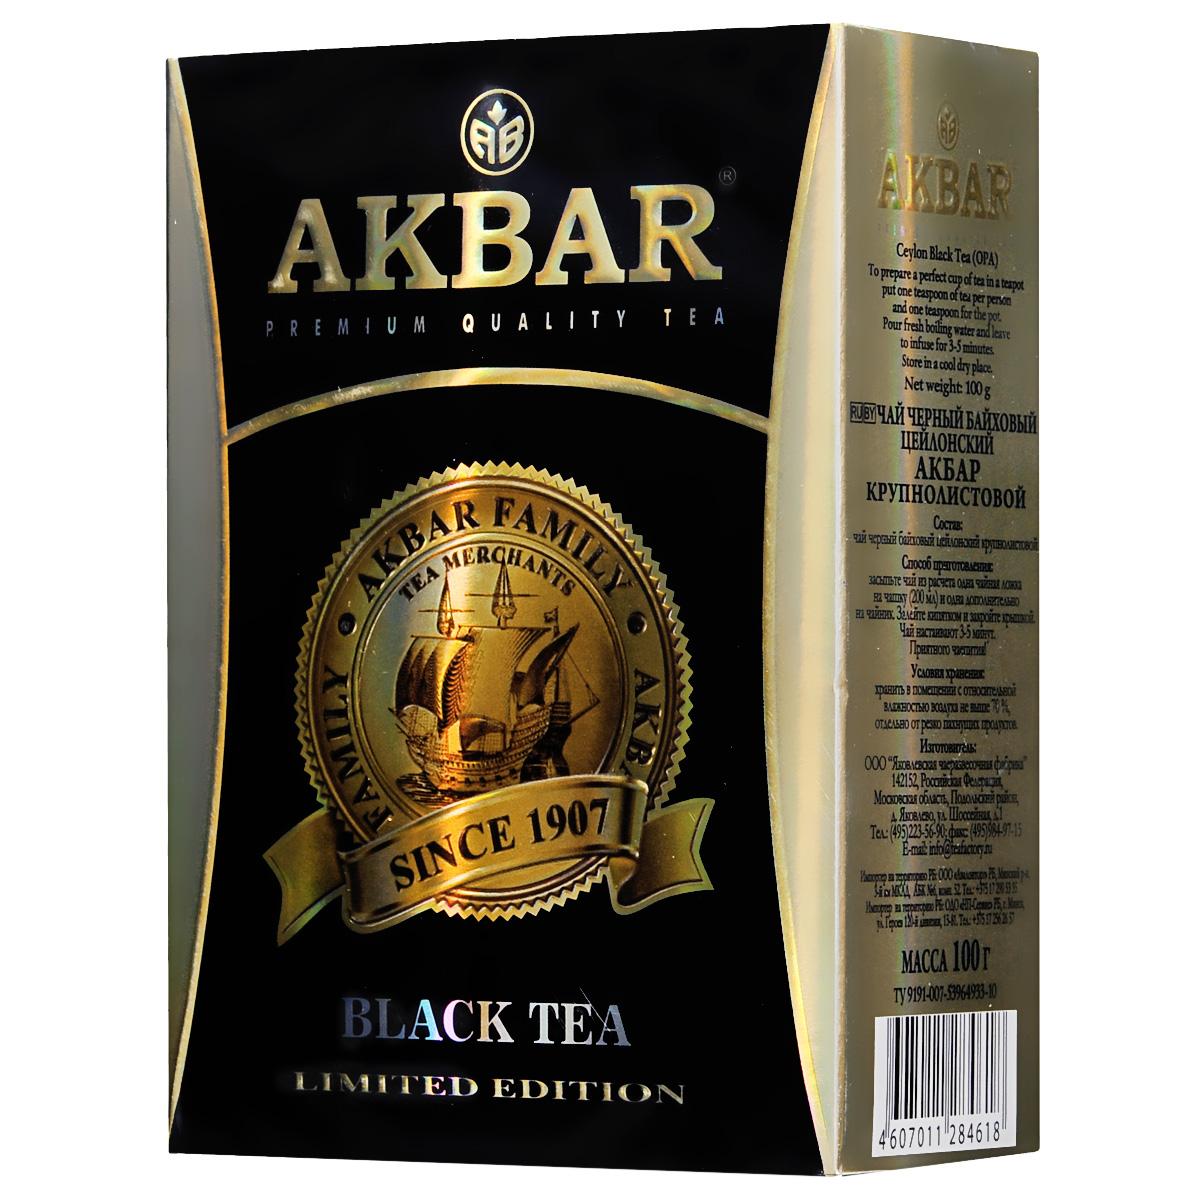 Akbar 100 Years черный листовой чай, 100 г1042023Чай Akbar 100 Years стандарта ОРА состоит из крупных листочков удлиненной формы насыщенного черного цвета. Его производство под силу лишь современным фабрикам, оснащенным новейшим оборудованием. Сырье для этого крупнолистового чая эксклюзивного качества, отличающегося своим неповторимым вкусом и потрясающим ароматом, получают всего с нескольких равнинных чайных плантаций, расположенных в провинциях Ruhuna и Sabaragamuwa, на высоте не более 1500 футов над уровнем моря.